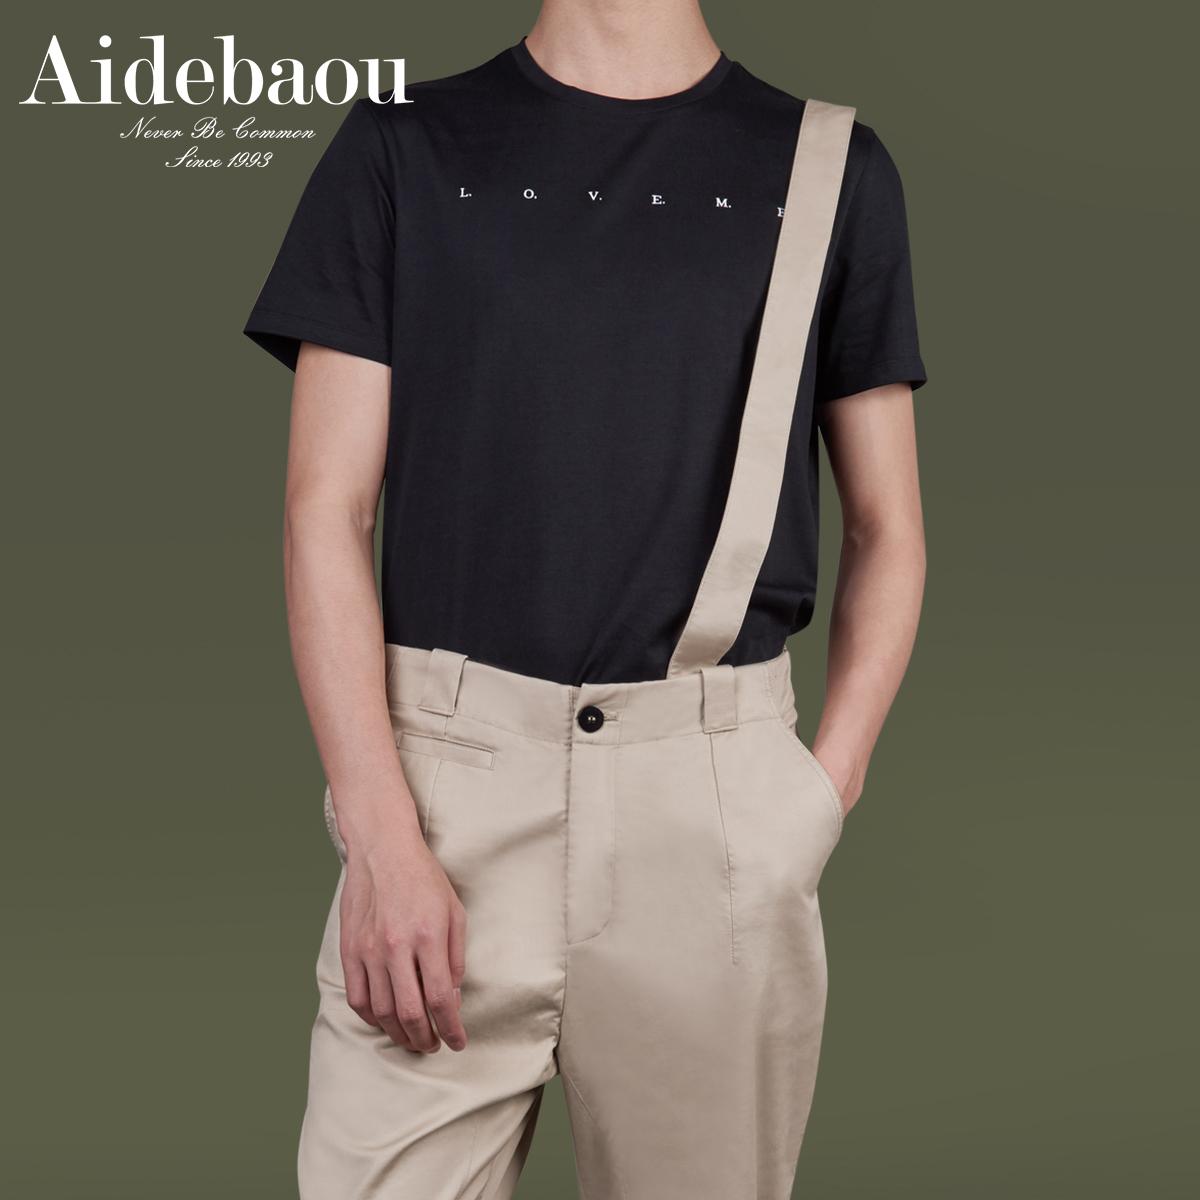 爱得堡男士短袖T恤男夏季新款纯棉男装圆领纯色Polo衫韩版夏装潮